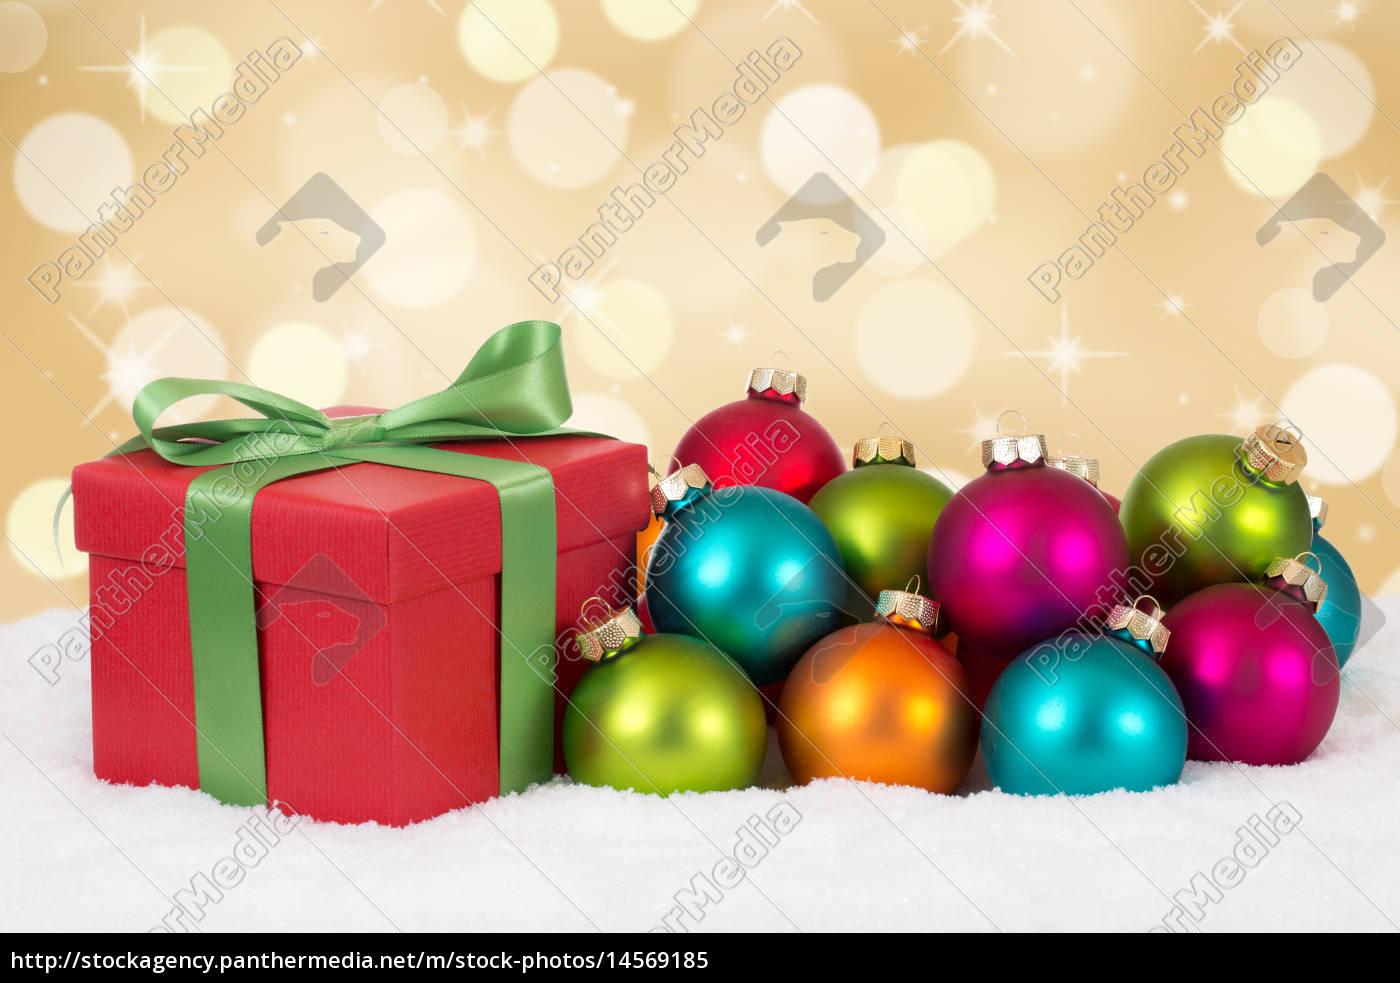 Weihnachtsgeschenke Geschenke.Stockfoto 14569185 Weihnachtsgeschenke Geschenke An Weihnachten Mit